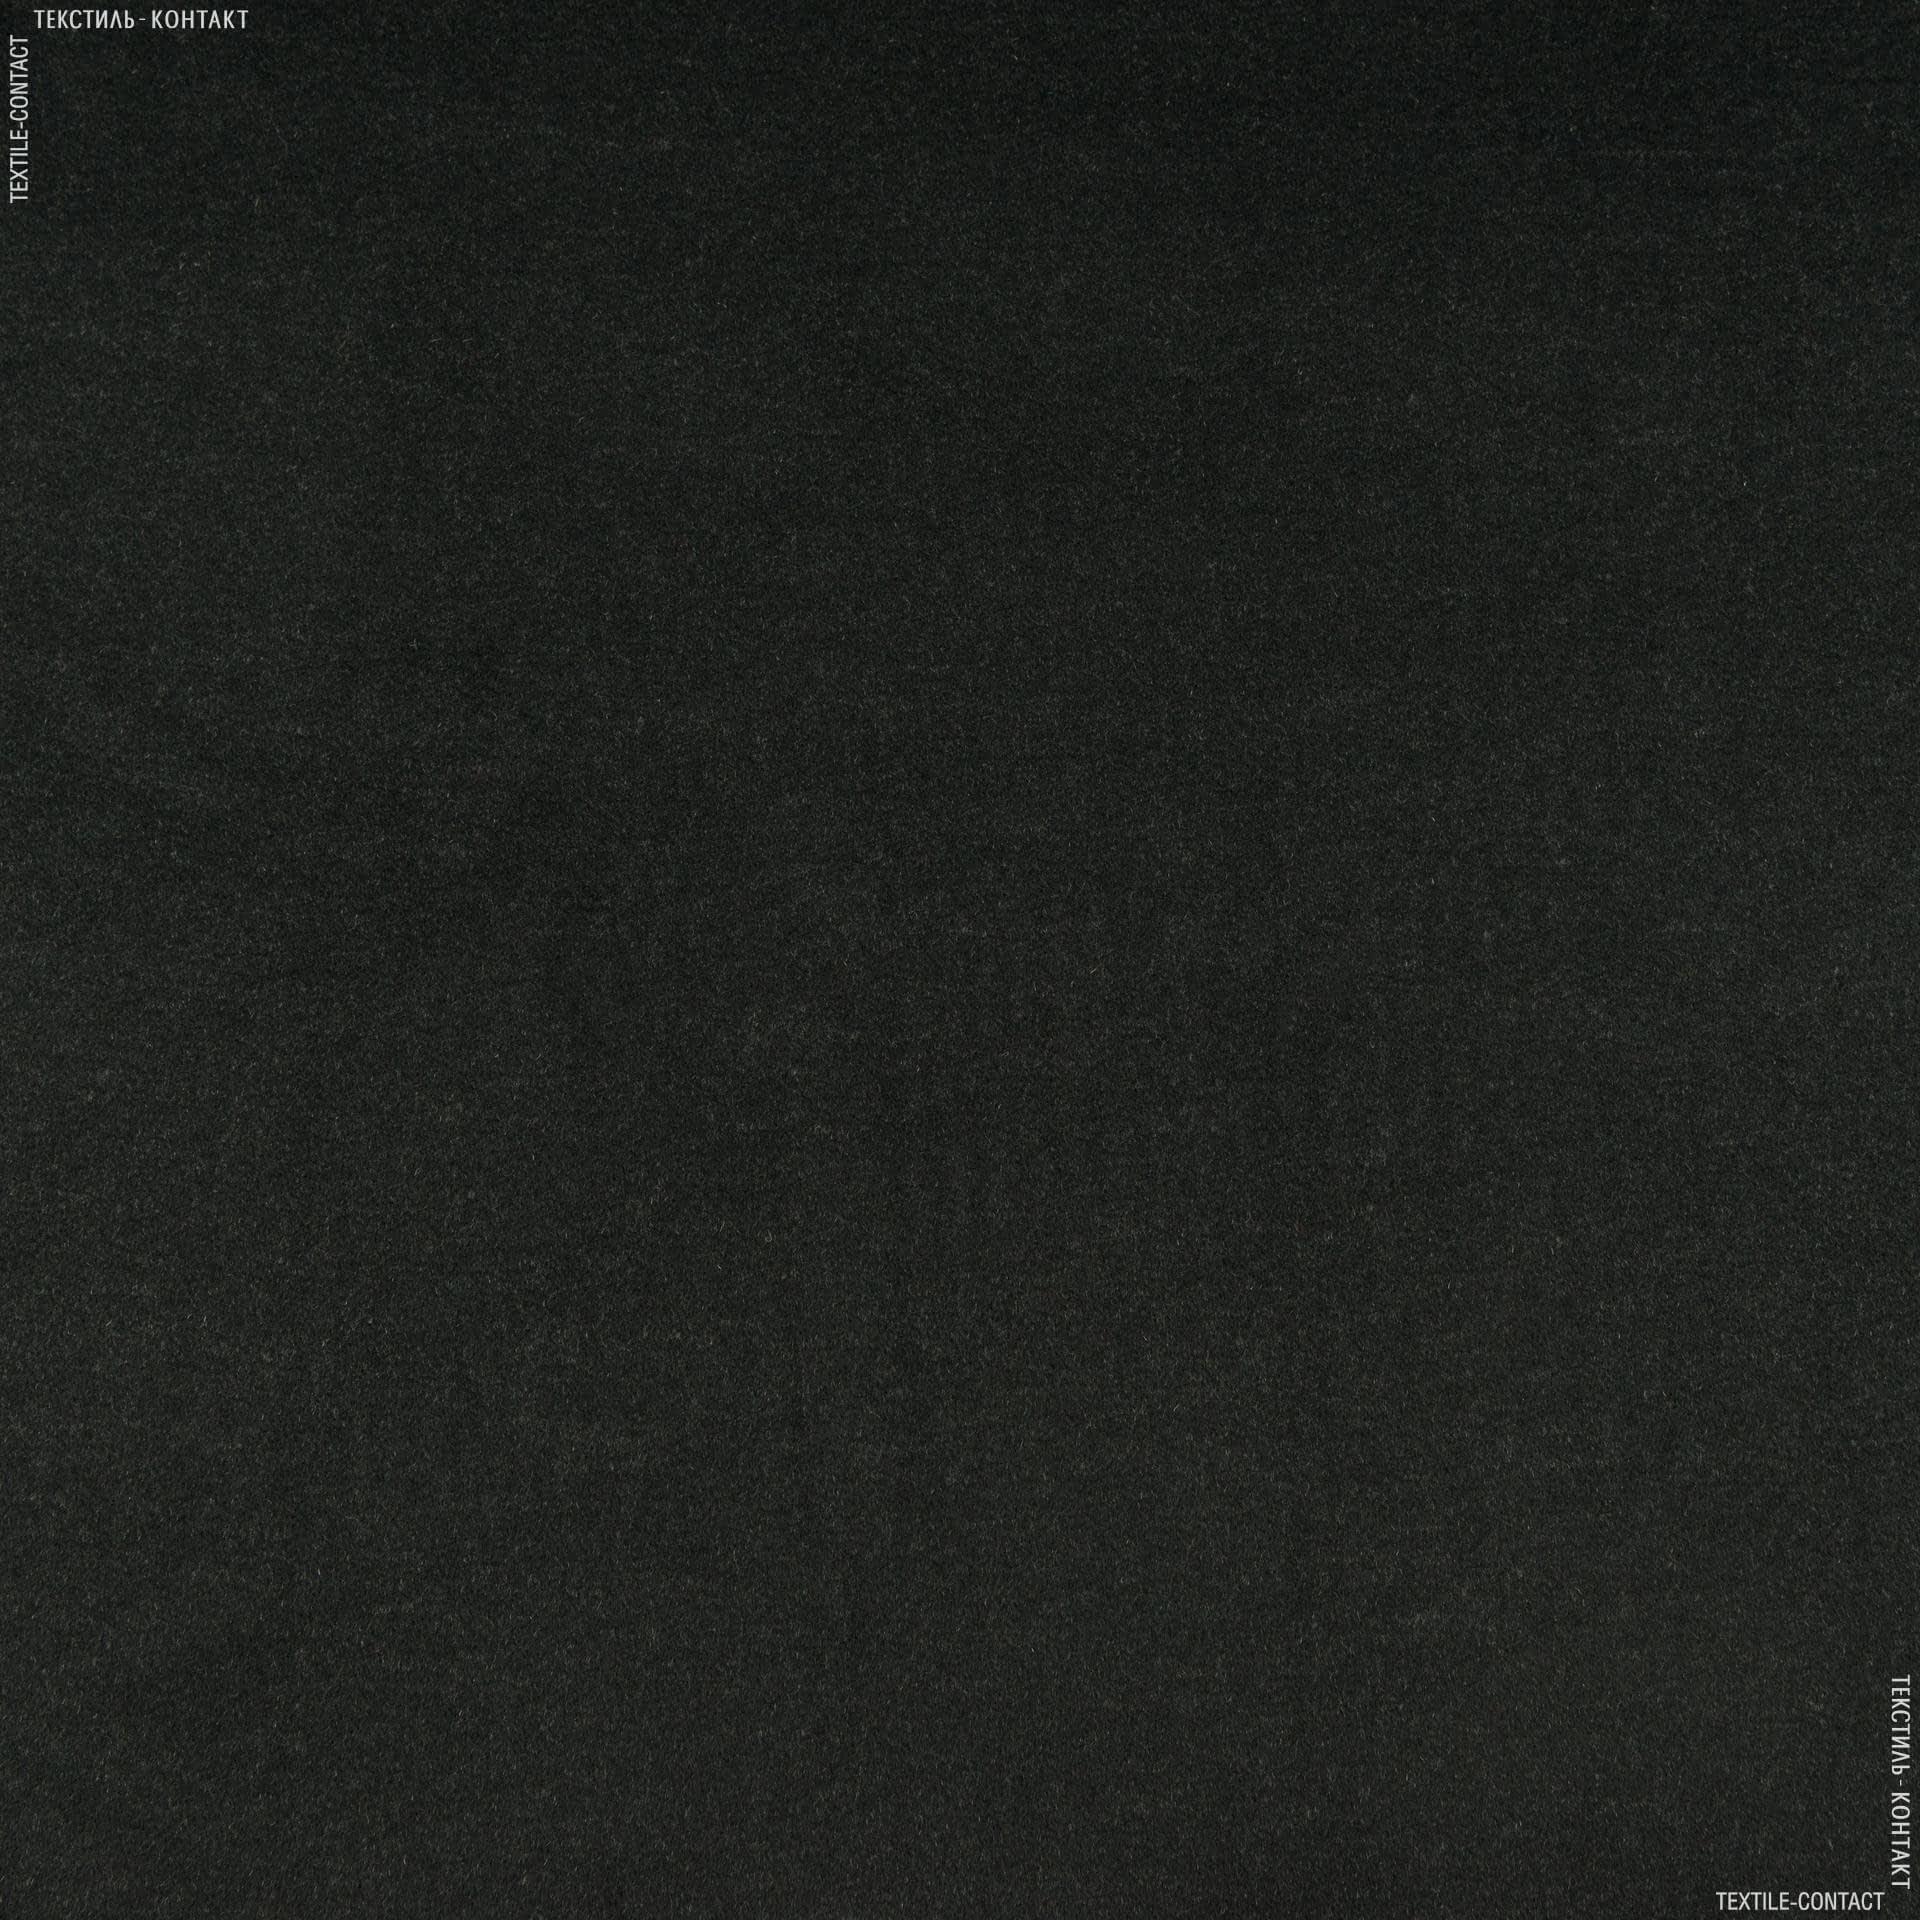 Ткани для верхней одежды - Пальтовая антрацит